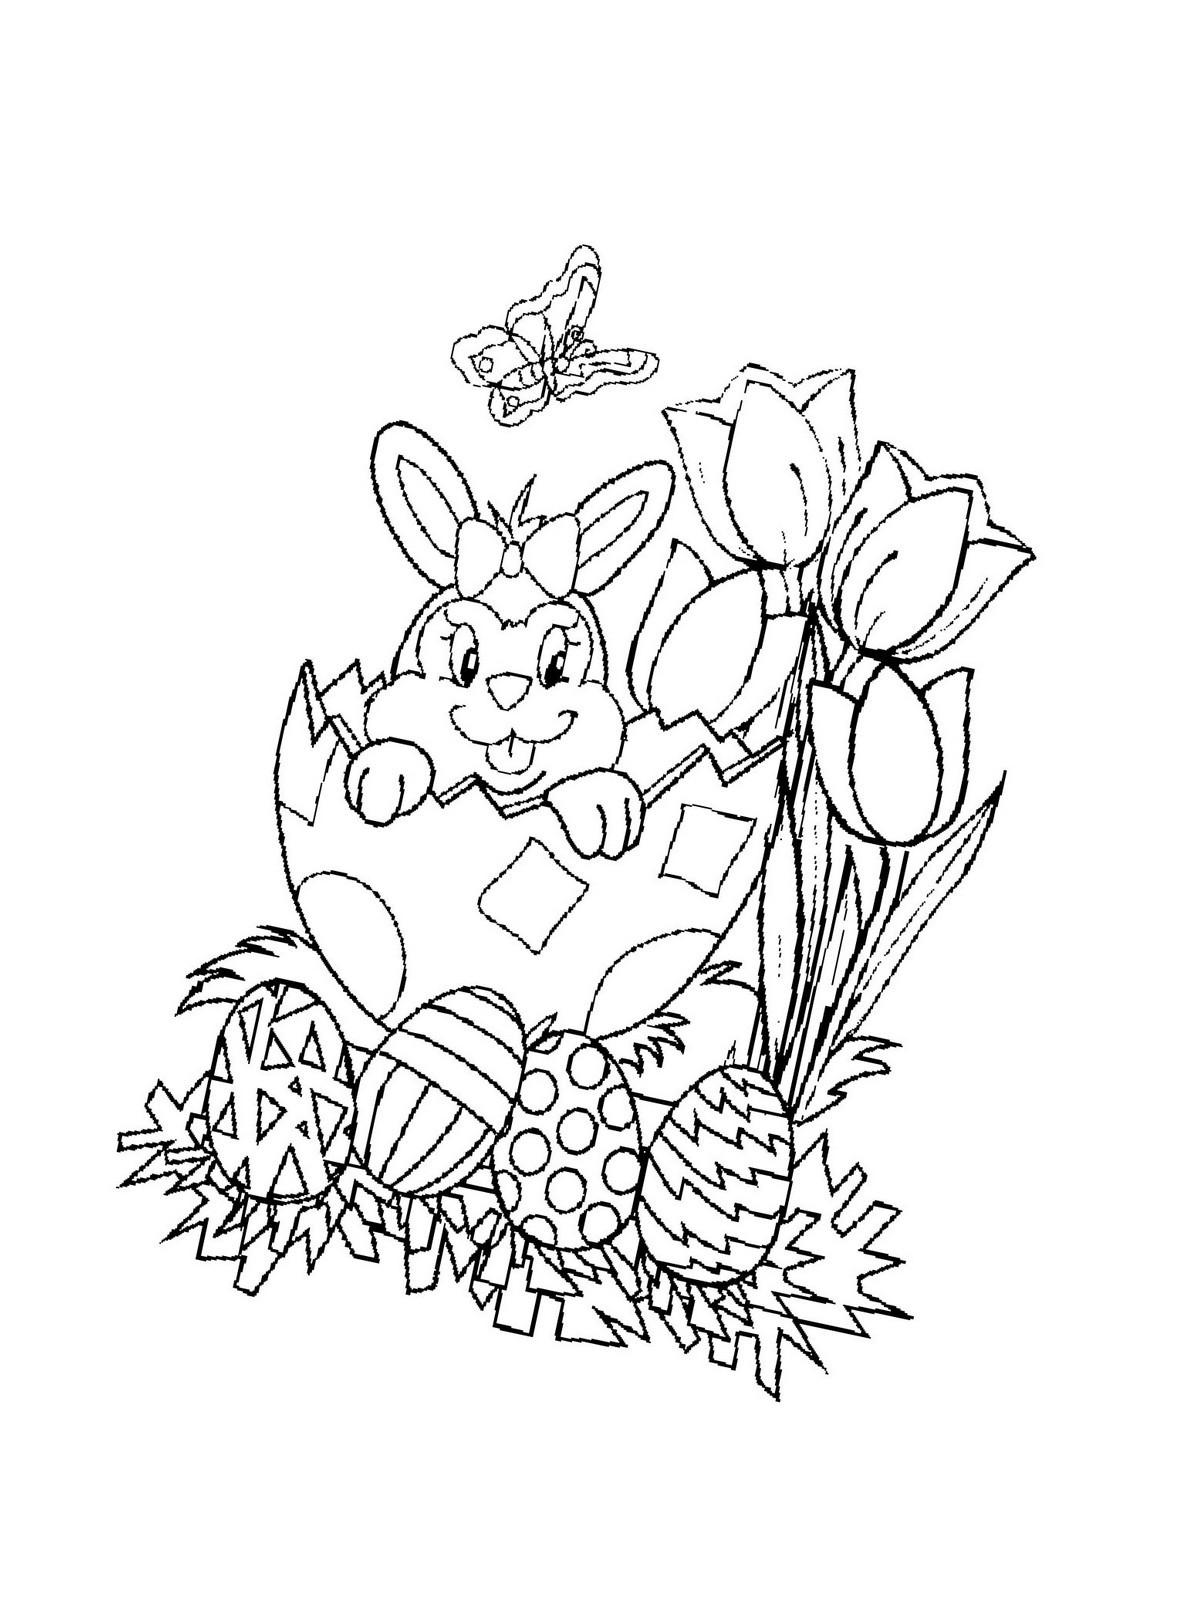 Ausmalbilder Für Ostern  Ausmalbilder kostenlos für Ostern 39